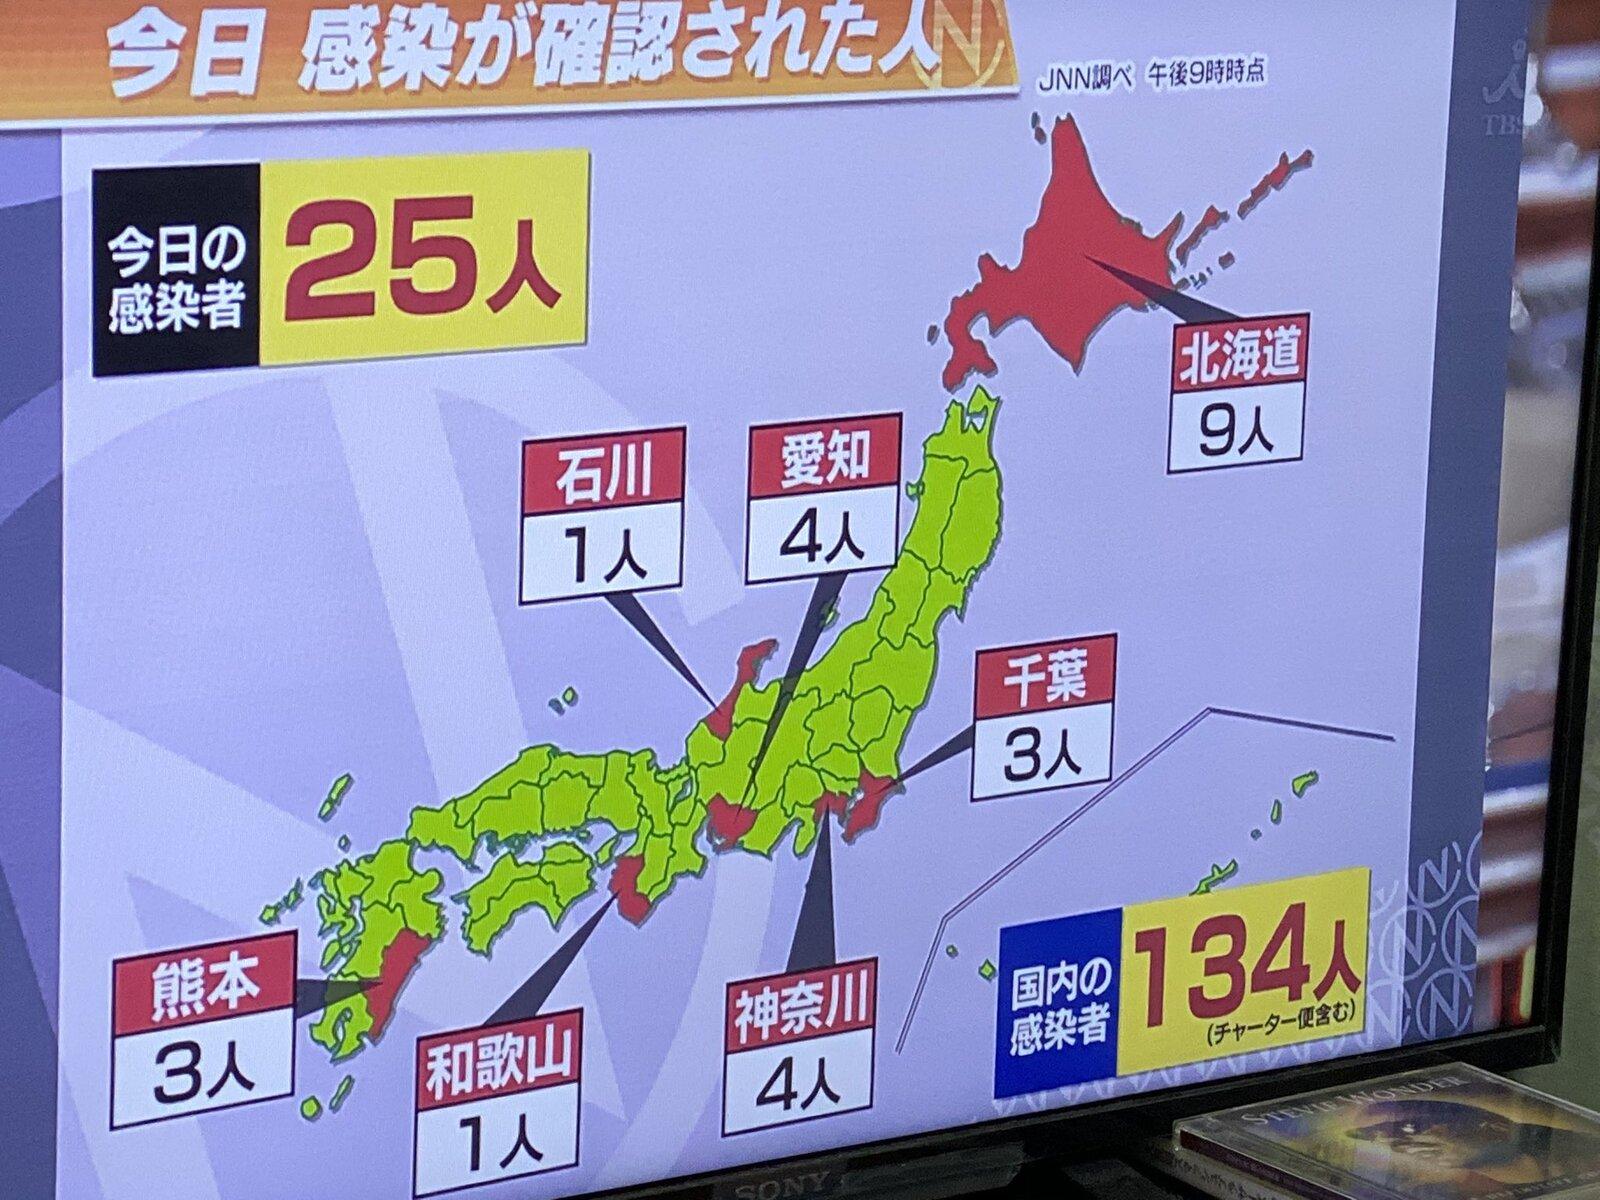 TBSさん、熊本の位置を間違えてしまう・・・